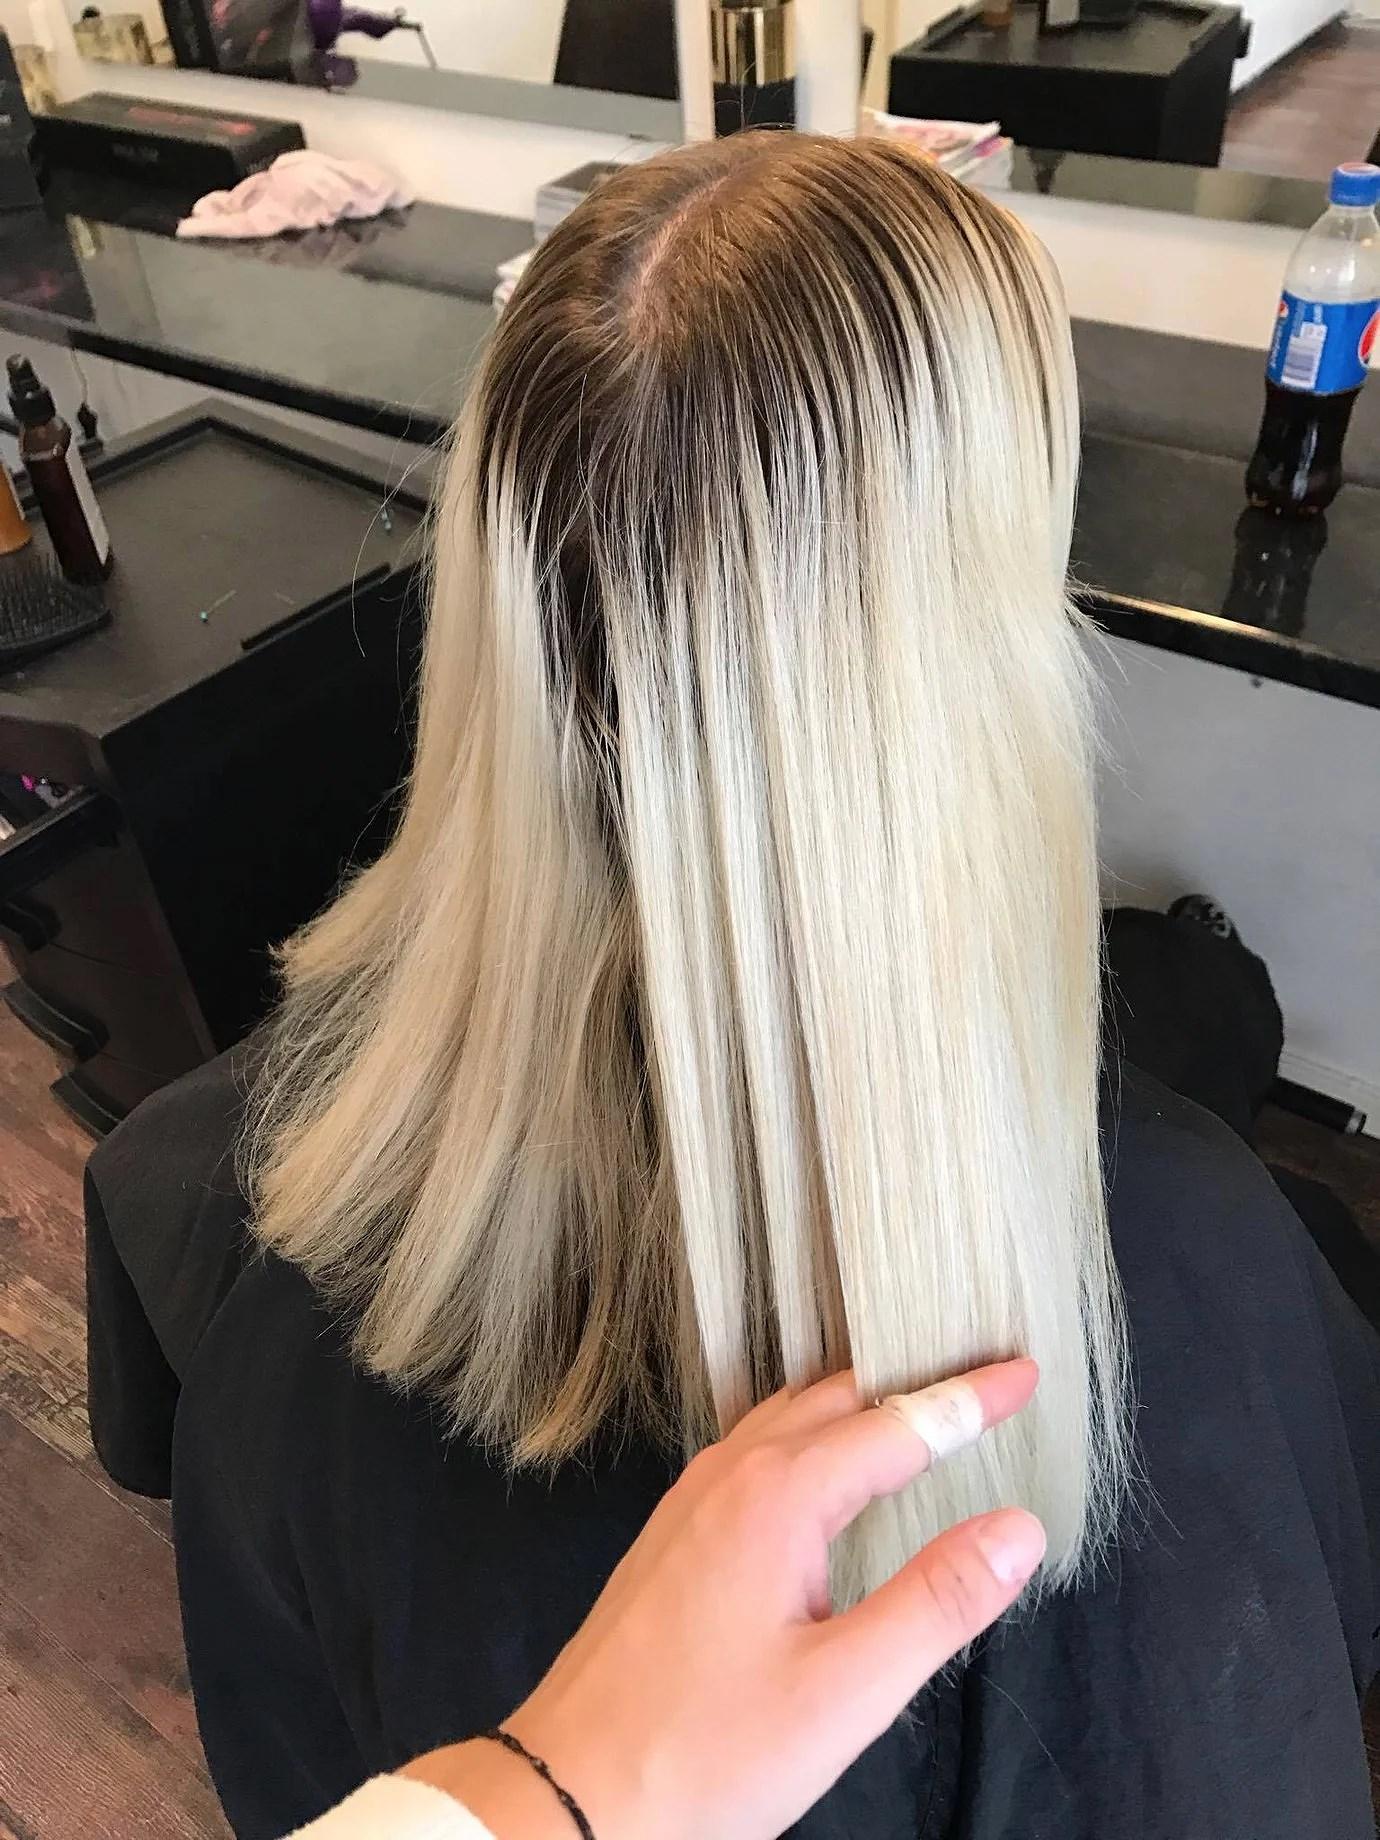 Före - Efter hårfärg